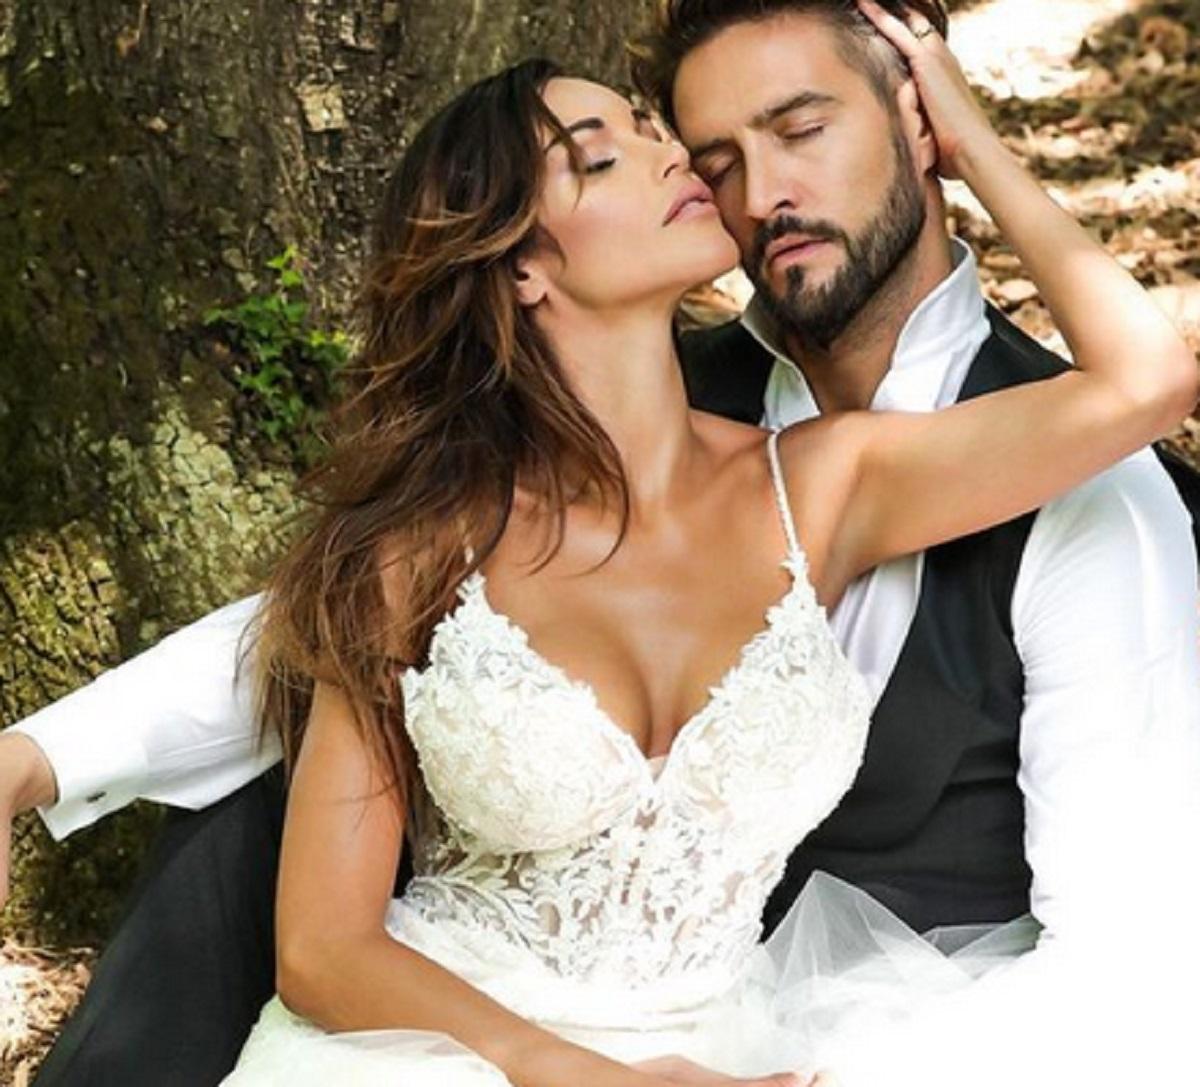 Alex Belli Mila Suarez duro sfogo accusa matrimonio finto